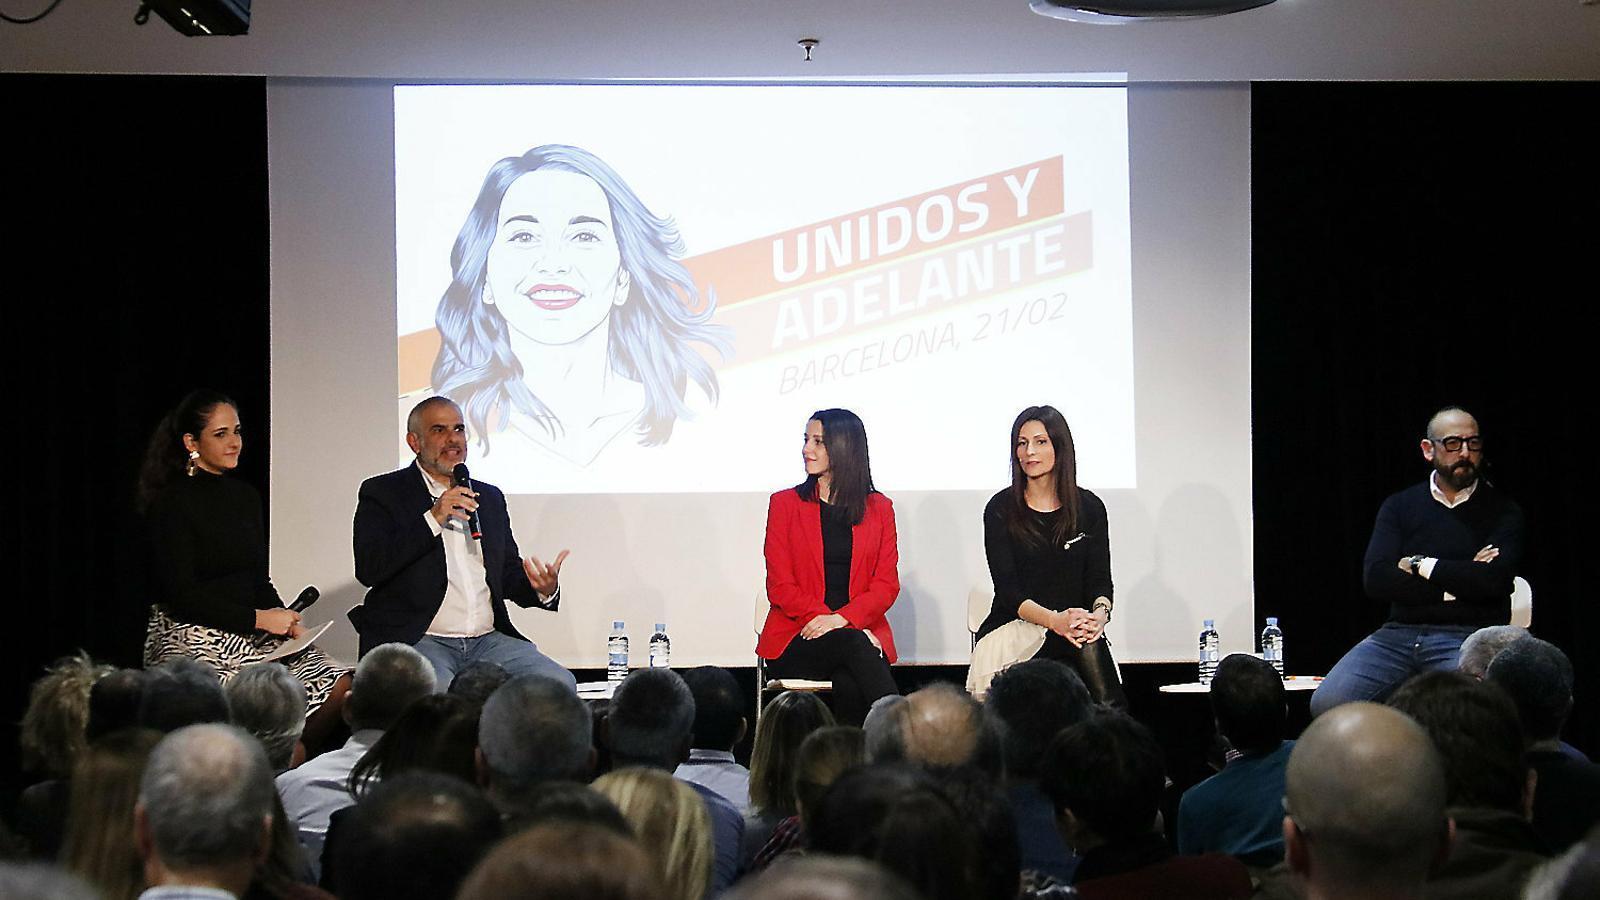 Carlos Carrizosa, Inés Arrimadas i Lorena Roldán en l'acte d'ahir al Centre Cívic Sagrada Família de Barcelona.